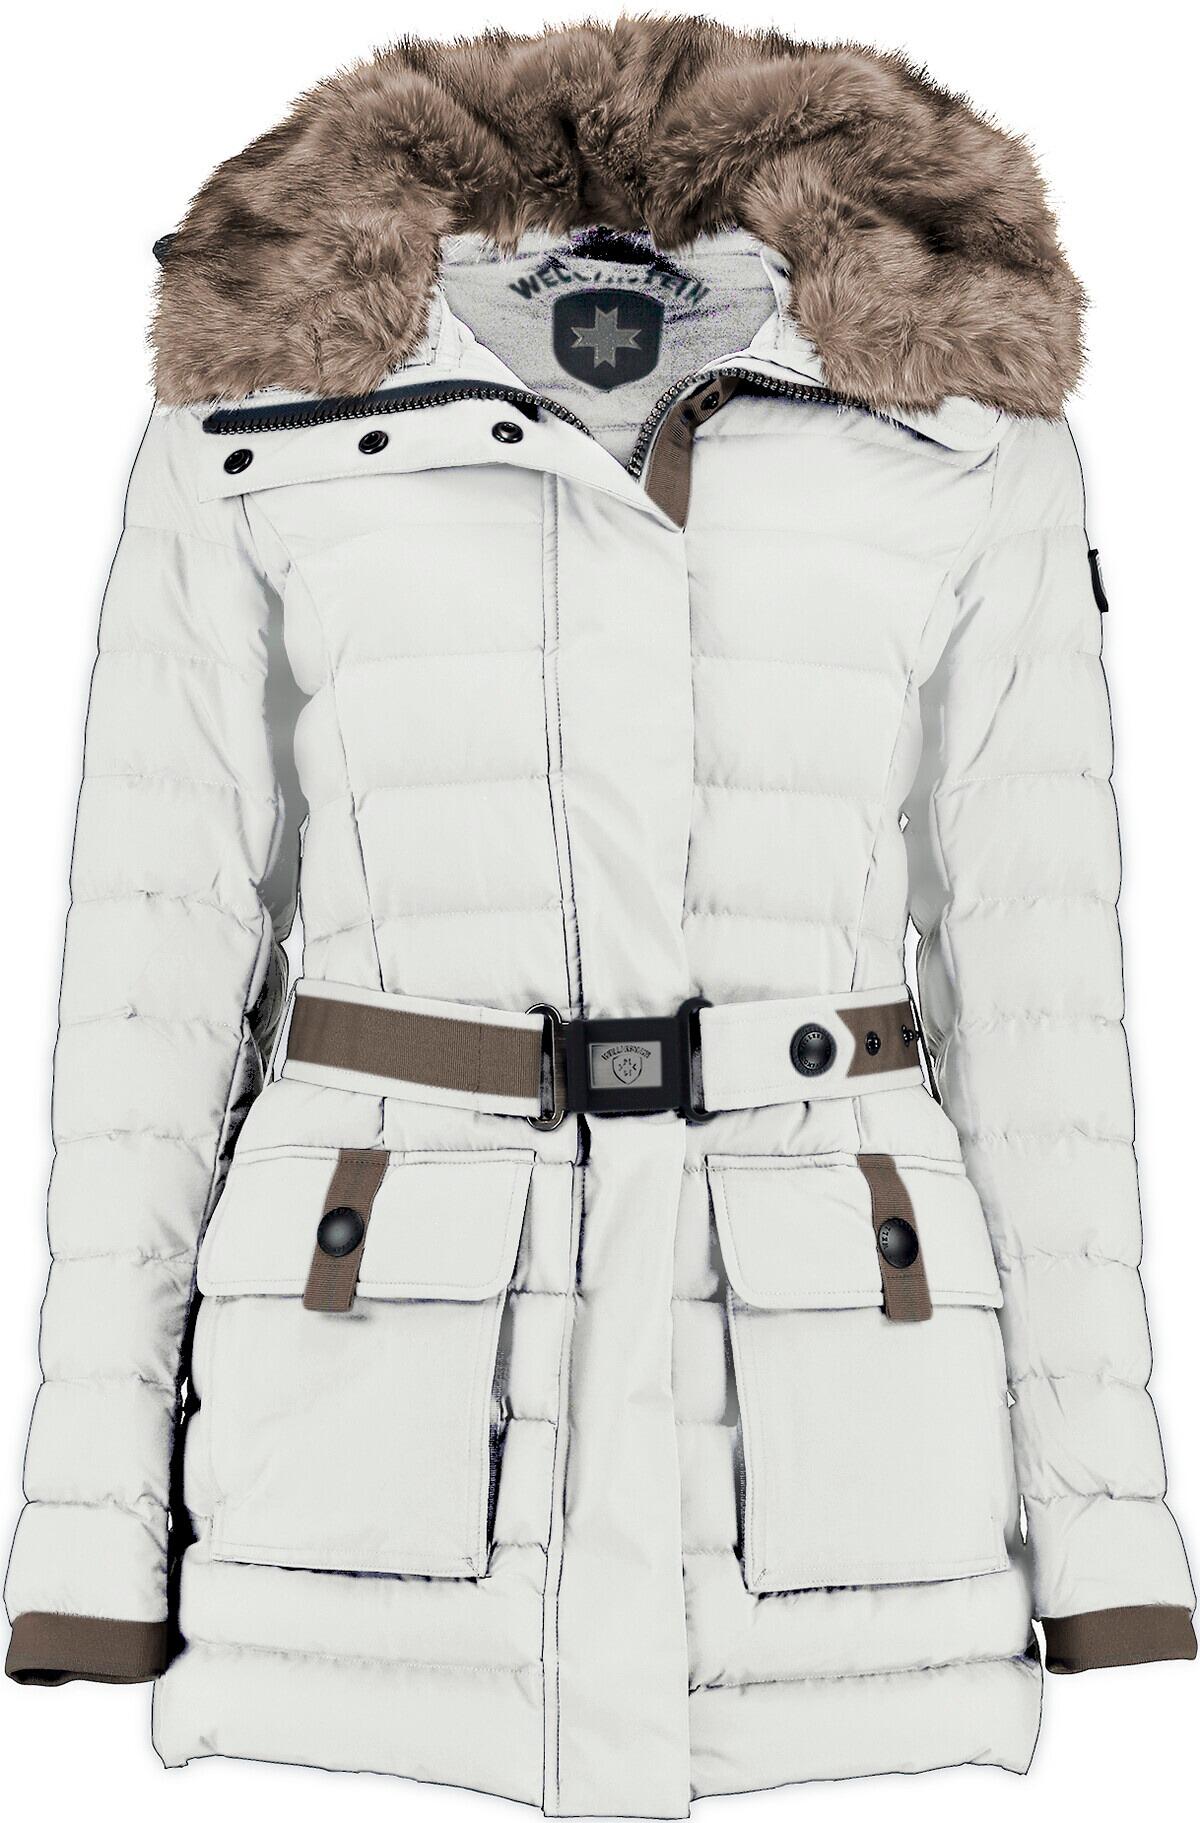 Wellensteyn Abendstern Short Jacke Cocos Für Damen Krüger Kleidung 213785